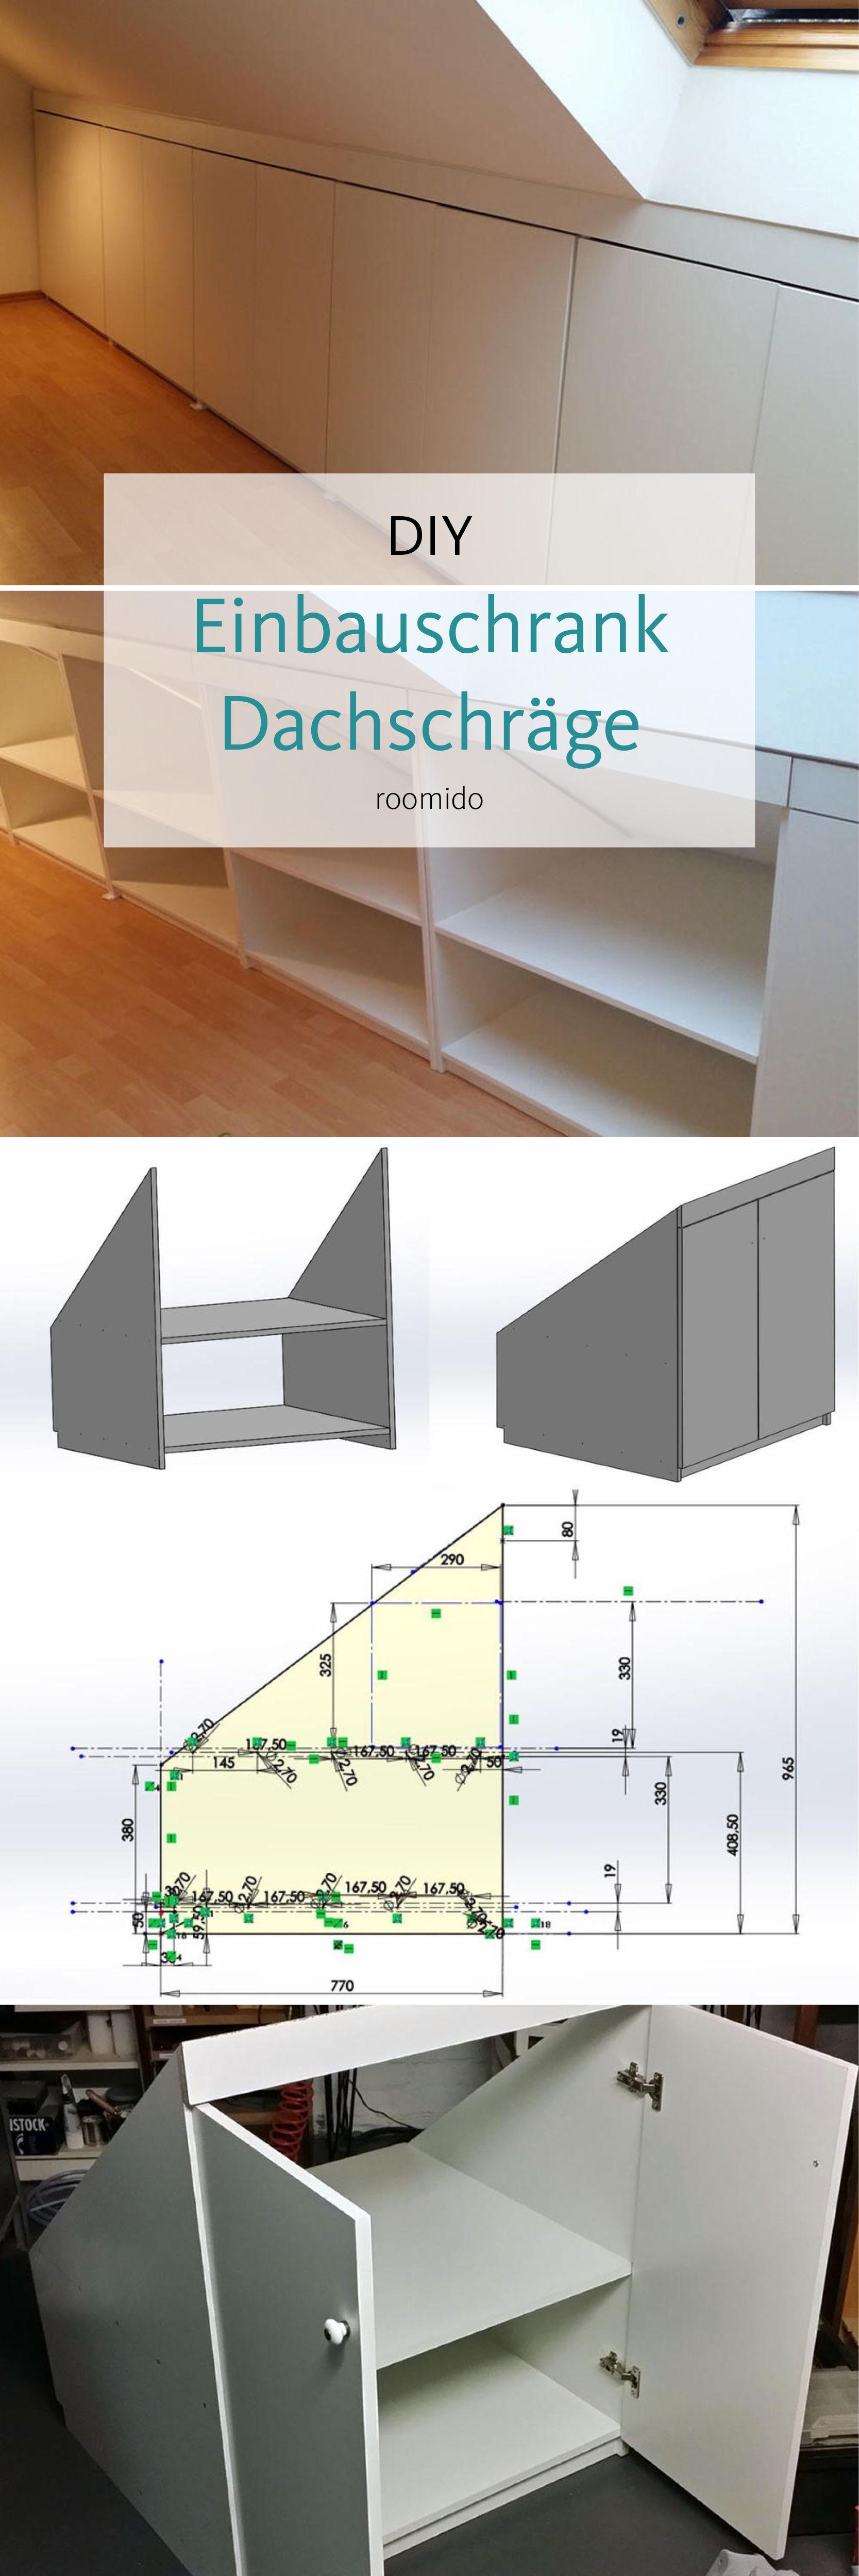 dachschr gen platz optimal ausnutzen so geht 39 s diy pinterest einbauschrank dachschr ge. Black Bedroom Furniture Sets. Home Design Ideas